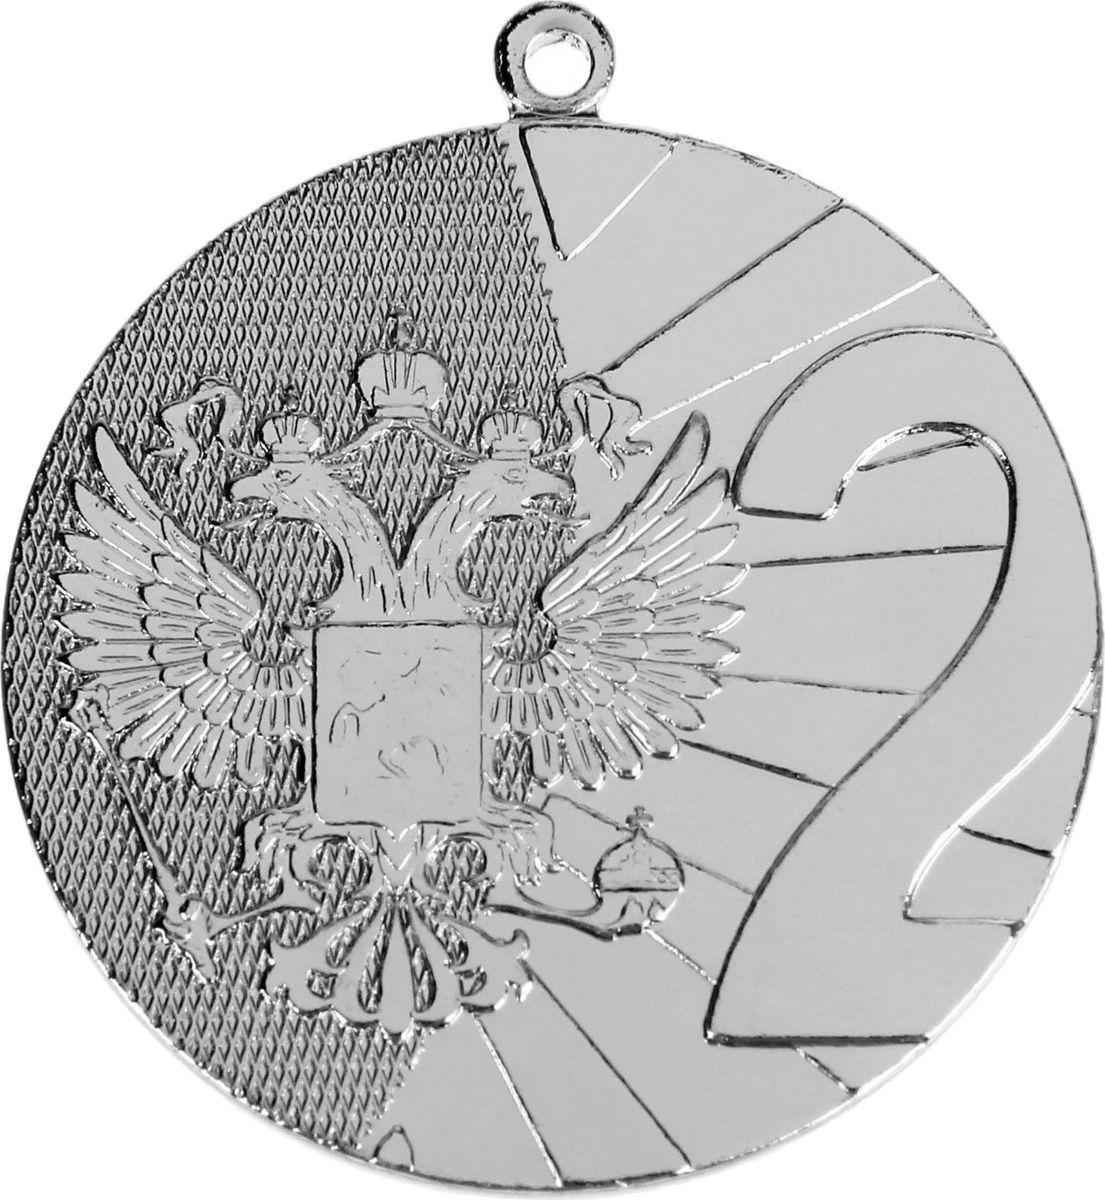 Медаль сувенирная 2 место, цвет: серебристый, диаметр 4 см. 0181028903Медаль — знак отличия, которым награждают самых достойных. Она вручается лишь тем, кто проявил настойчивость и волю к победе. Каждое достижение — это важное событие, которое должно остаться в памяти на долгие годы. Любое спортивное состязание, профессиональное или среди любителей, любое корпоративное мероприятие — отличный повод для того, чтобы отметить лучших из лучших. Характеристики:Диаметр медали: 4 см Диаметр вкладыша (оборот): 3,5 см.